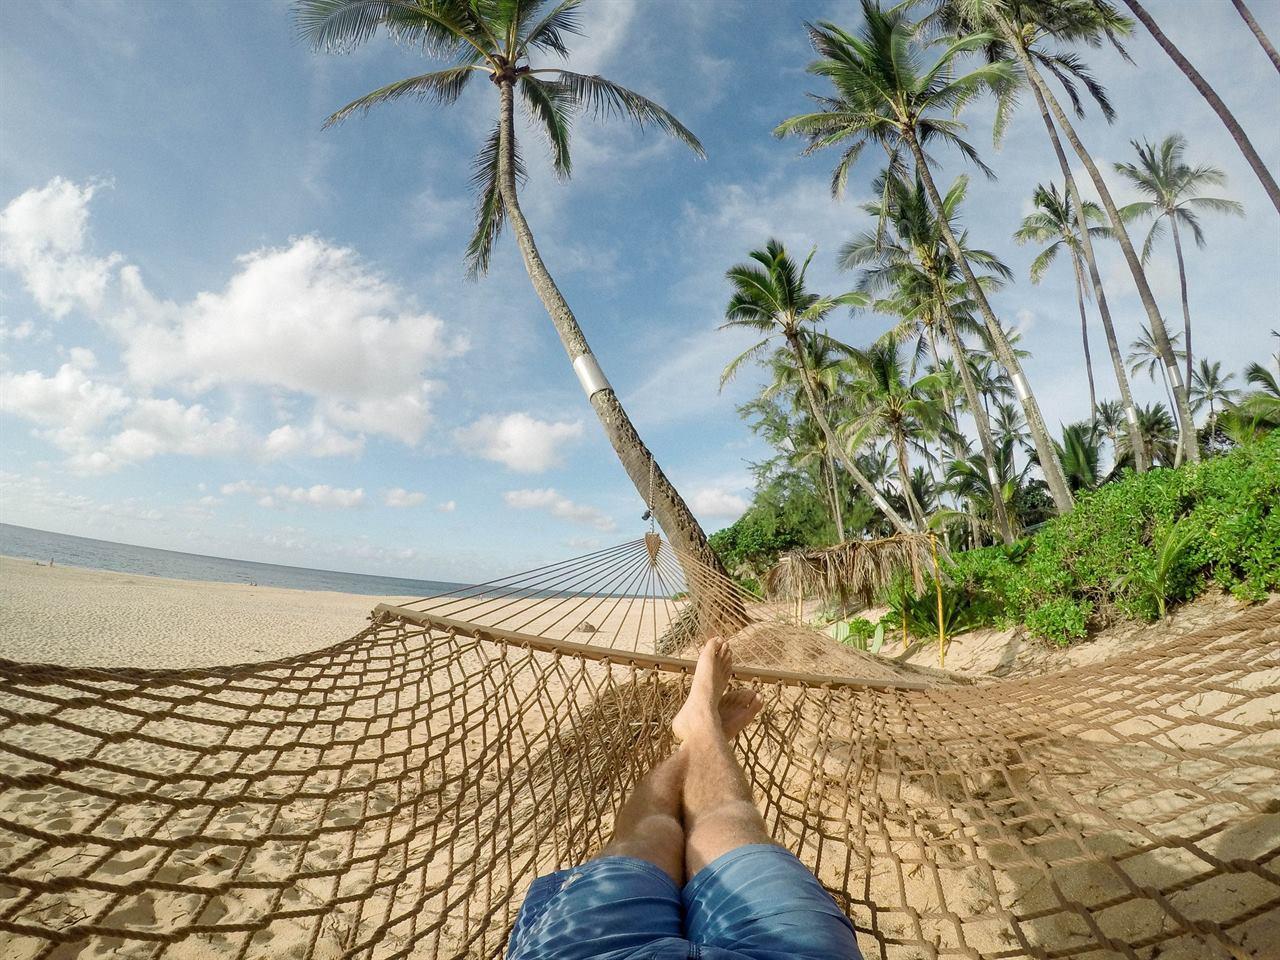 Пляжный отдых на берегу океана